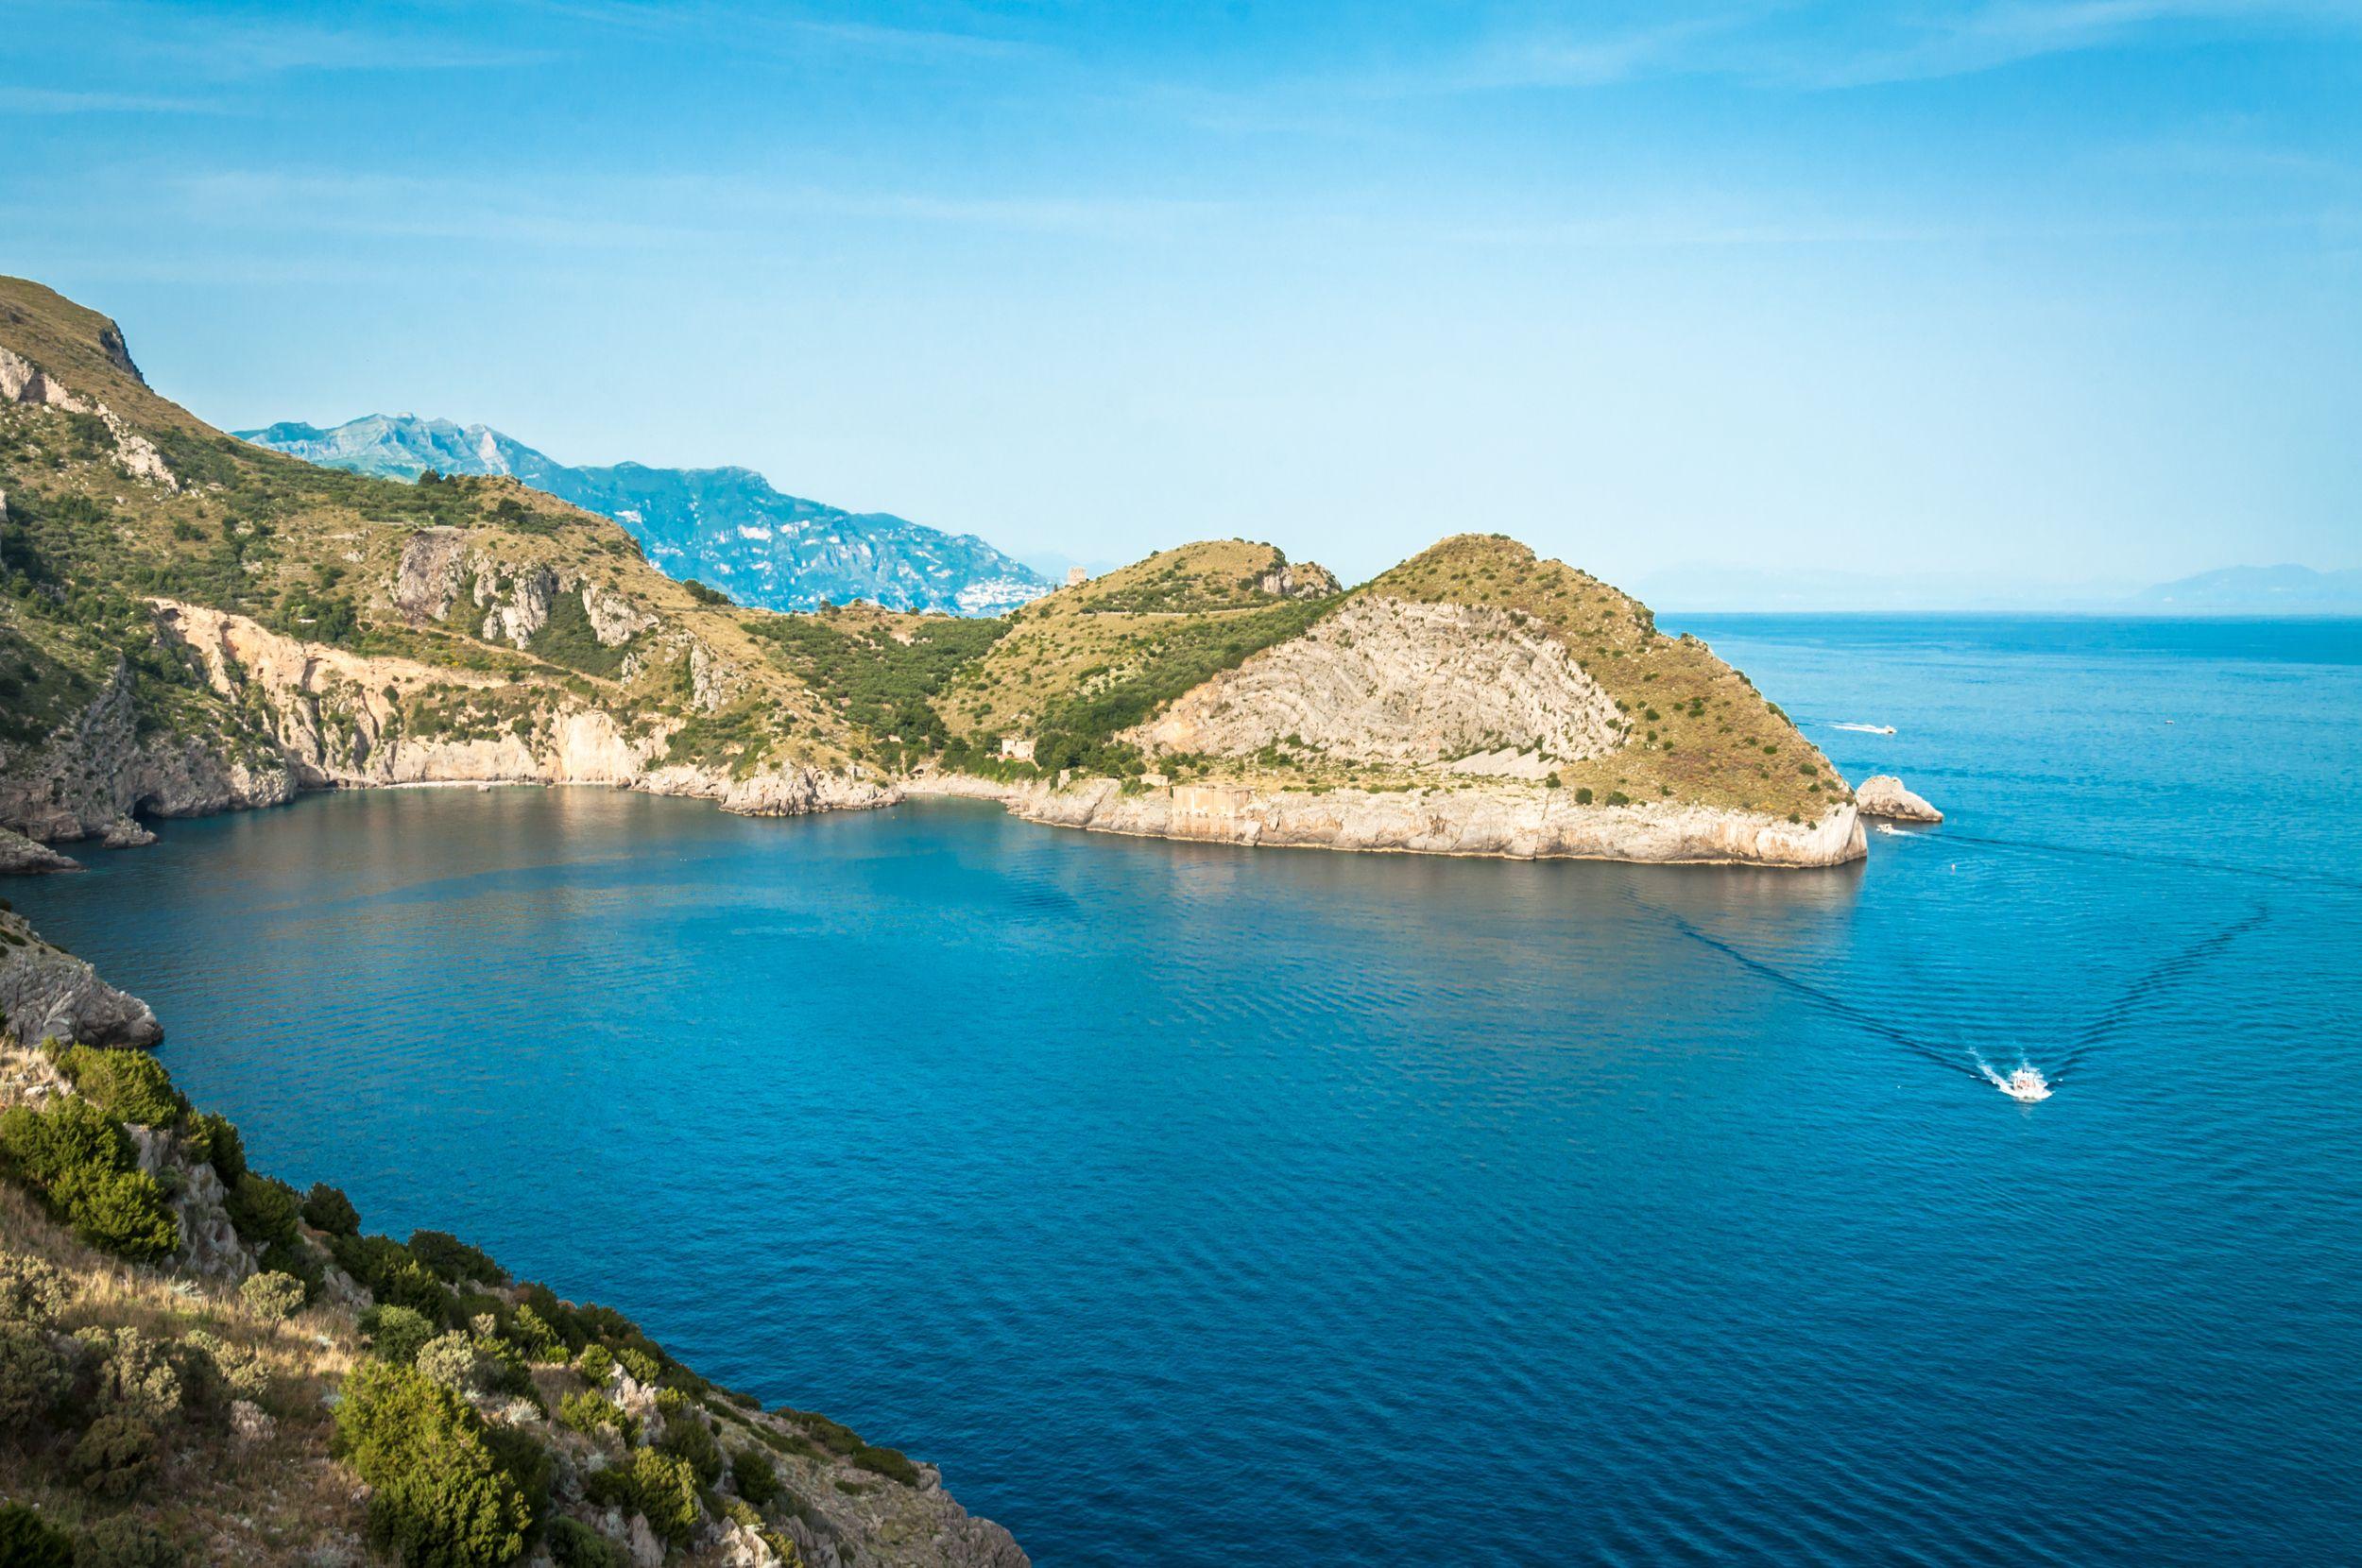 Alcuni buoni motivi per andare in Costiera Amalfitana